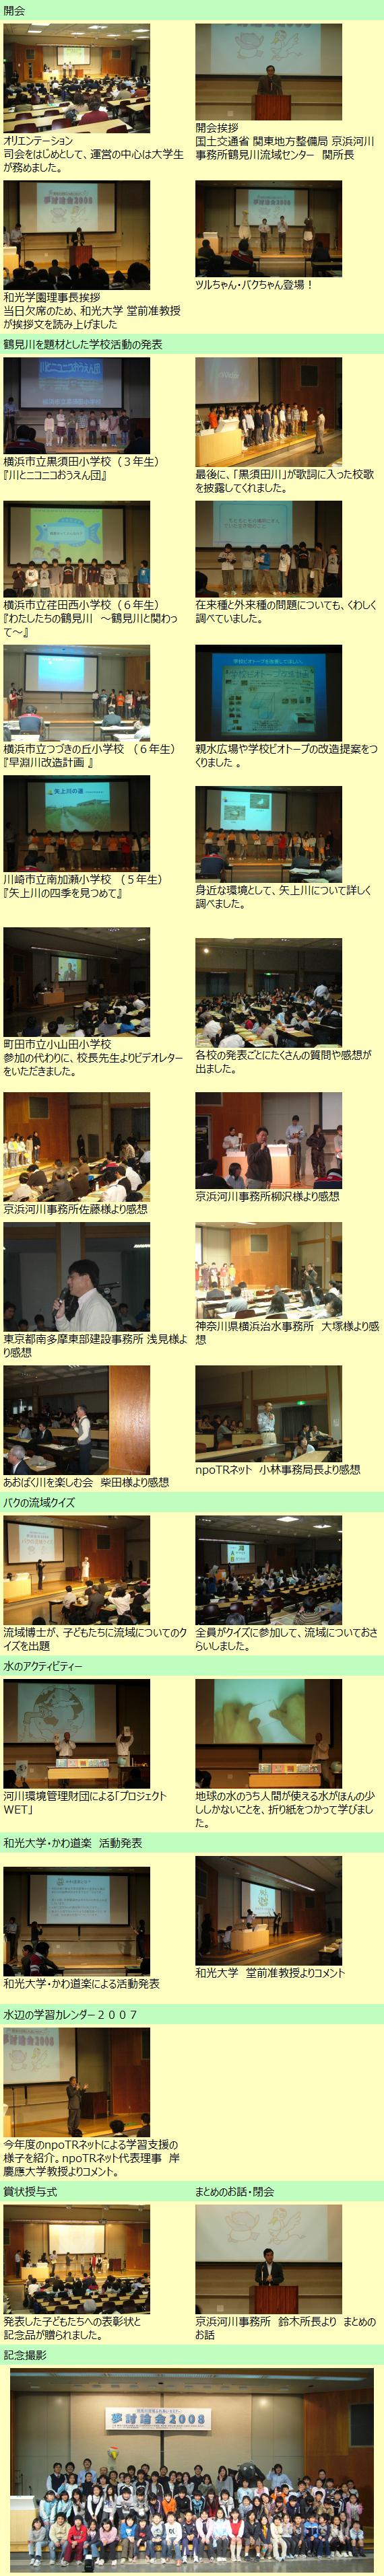 2/23 夢討論会2008<鶴見川流域ふれあいセミナー>